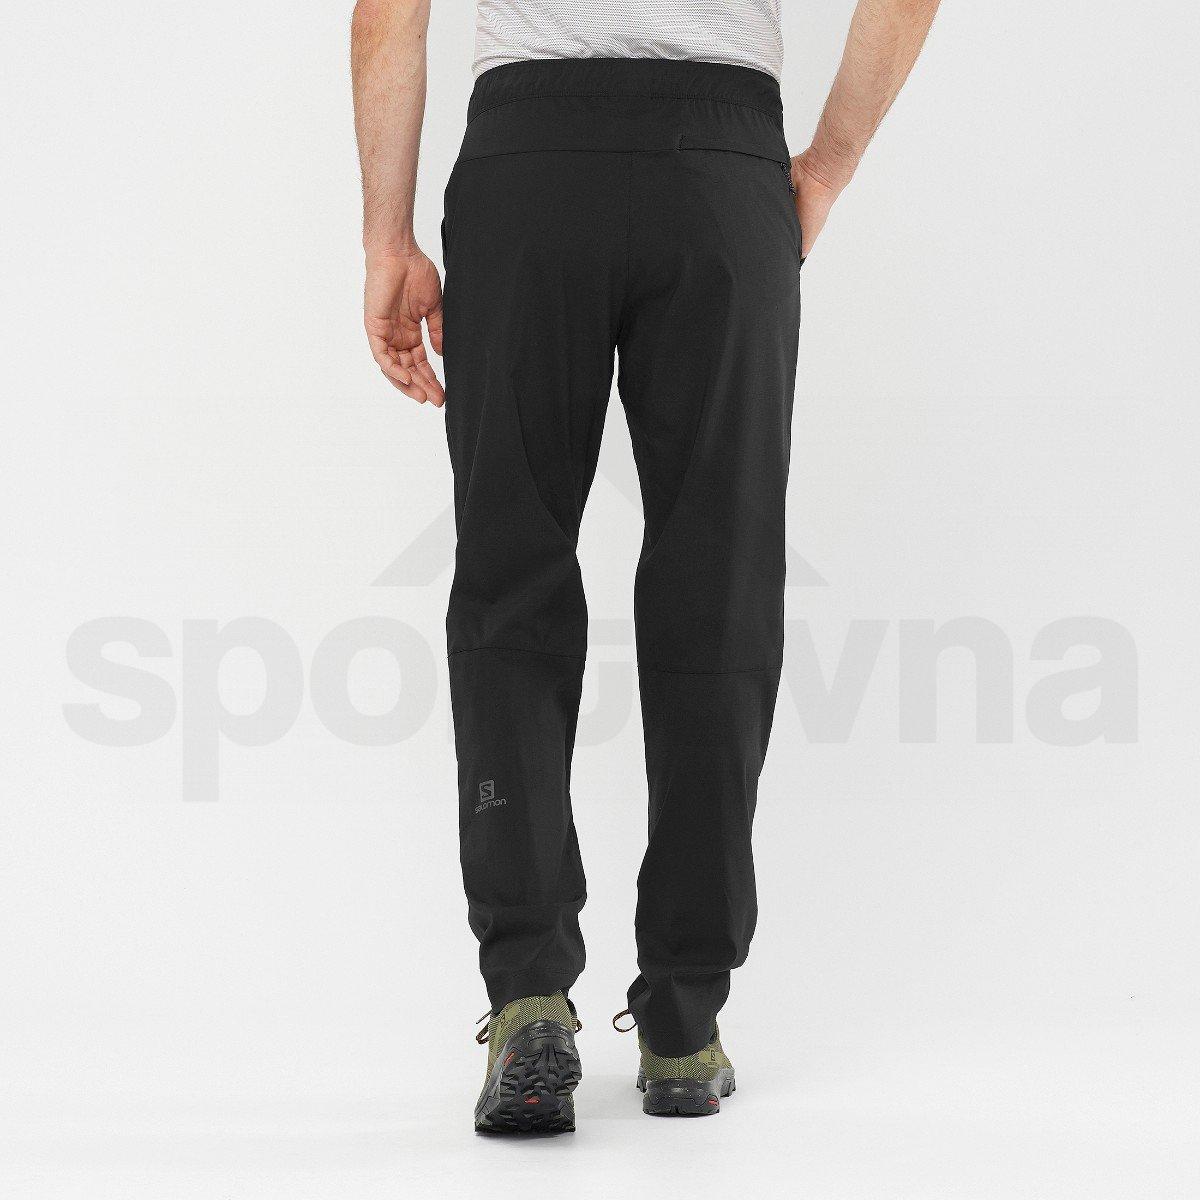 Kalhoty Salomon EXPLORE TAPERED PANTS M - černá